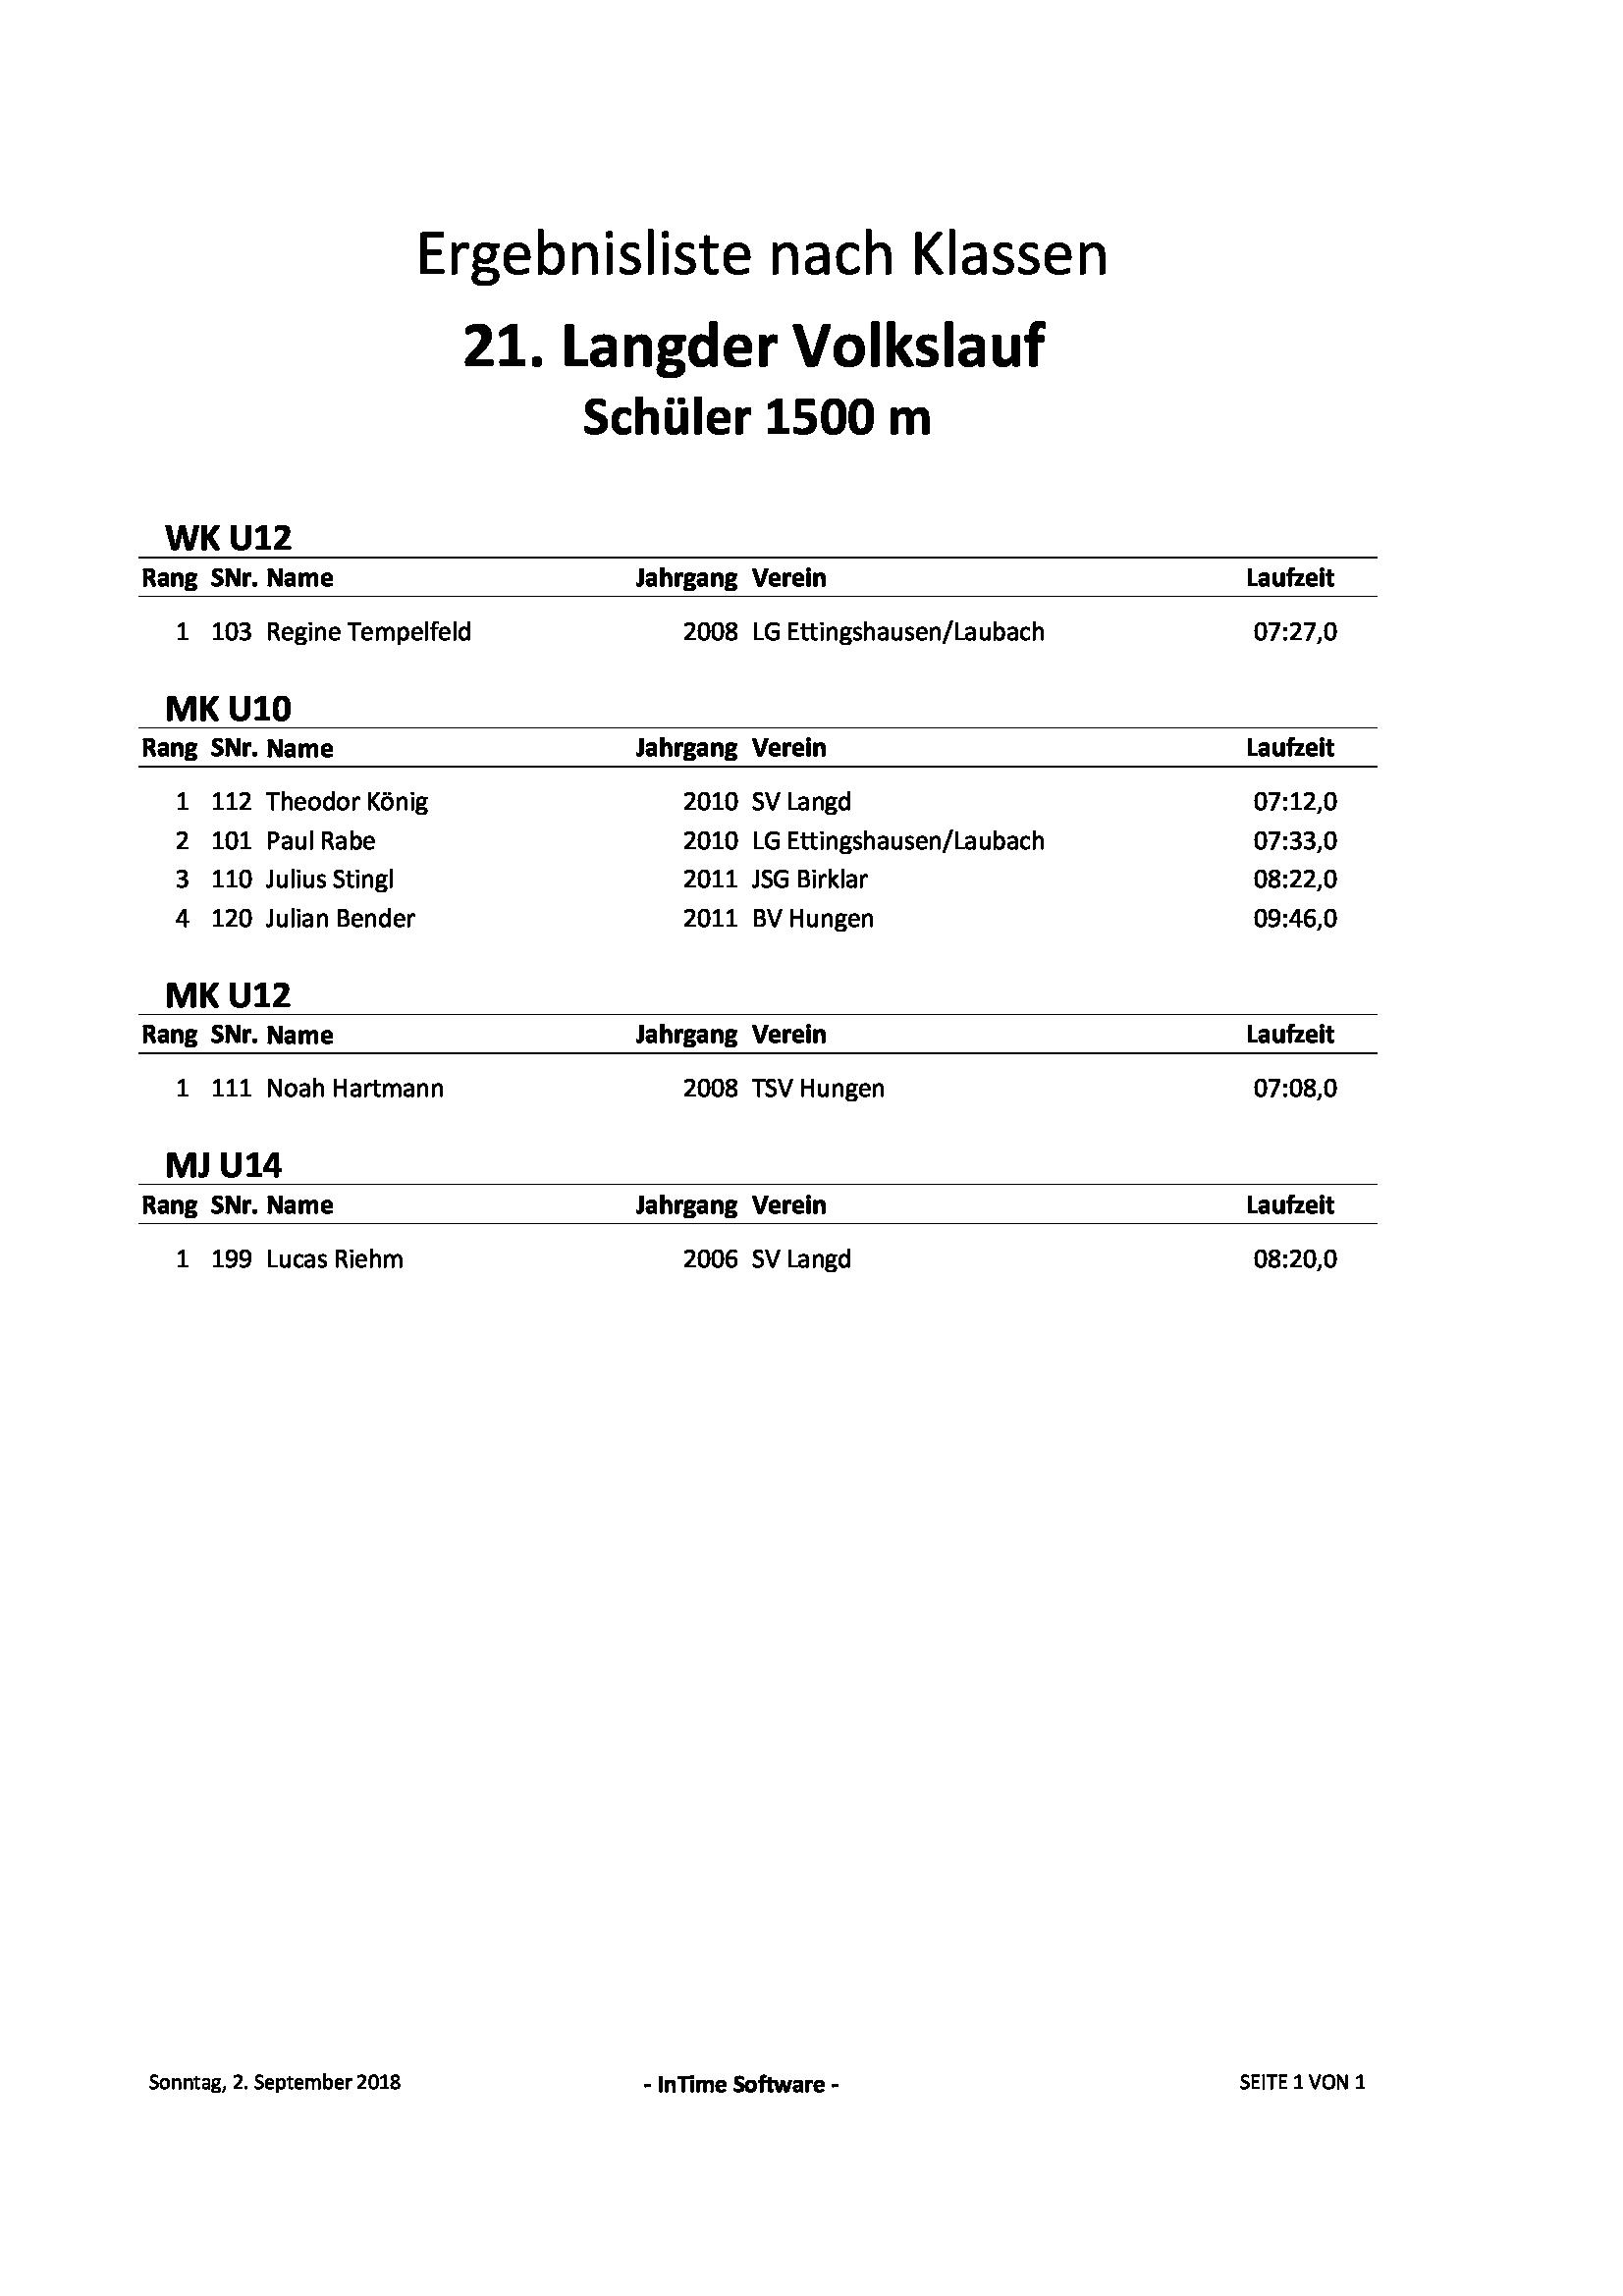 Ergebnisliste_Langd2018_Schueler1500m.jpg